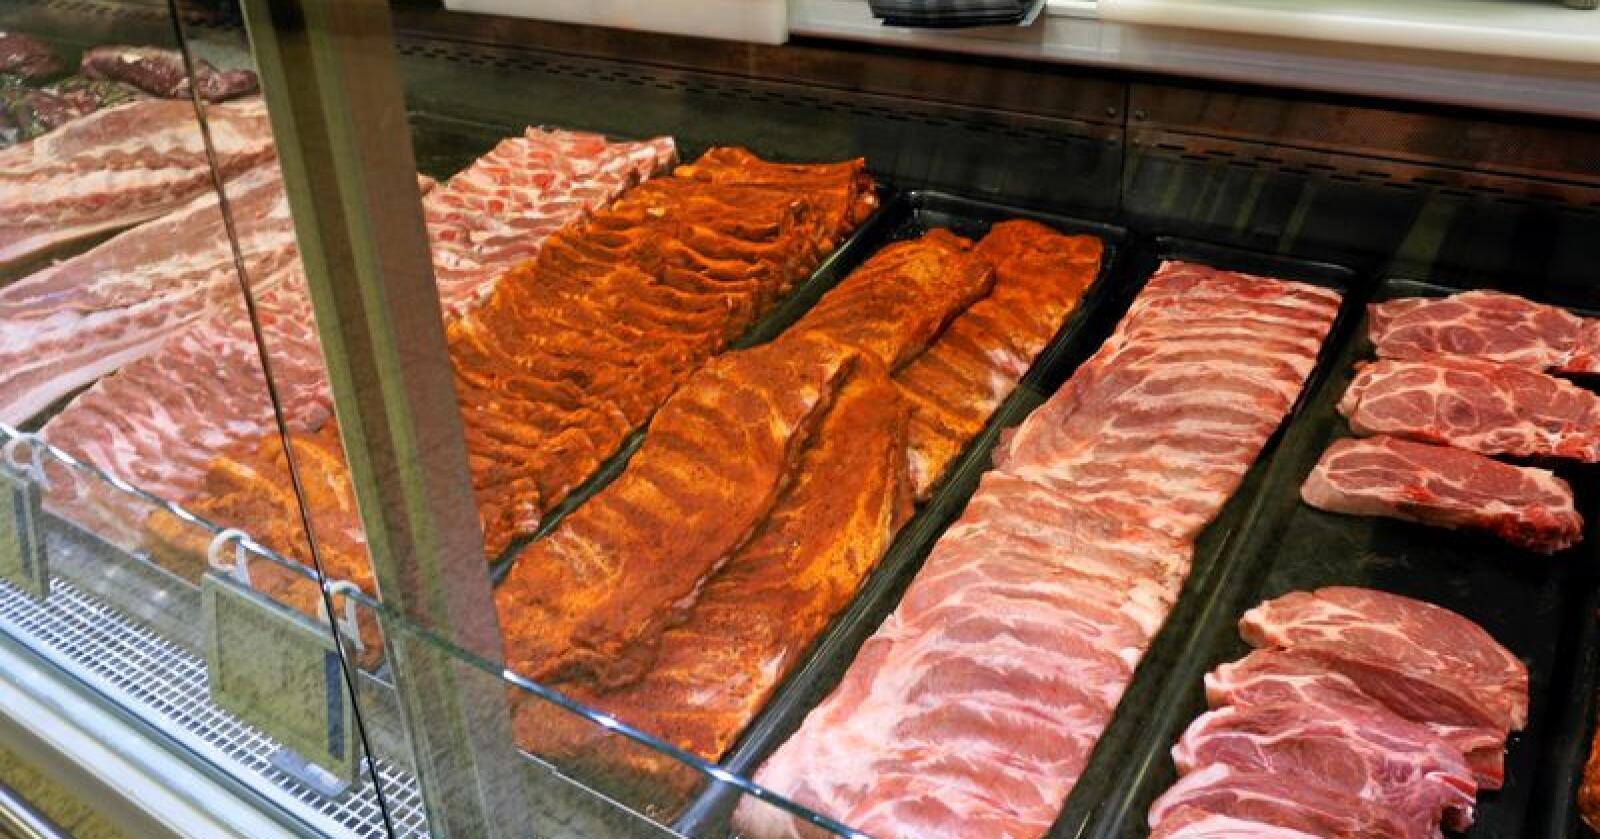 Ifølge SSB var kjøttprodukter den matvaregruppen med størst nedgang i mai. Svinekjøtt gikk ned med 4,4 prosent. Foto: Mariann Tvete